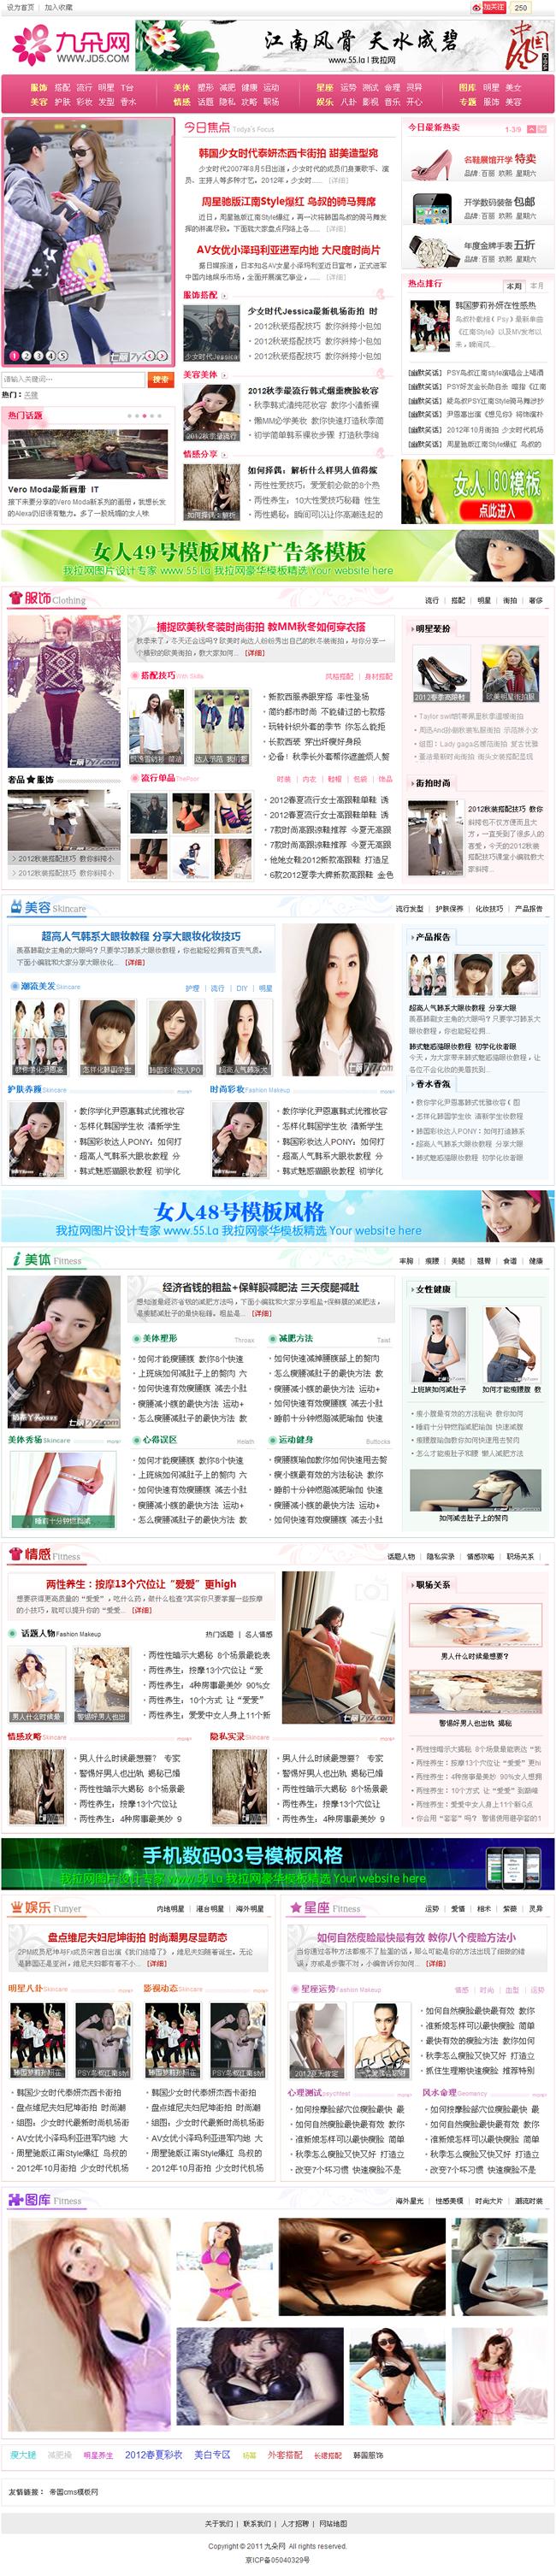 帝国cms大型女性女人门户网站程序源码模板_首页